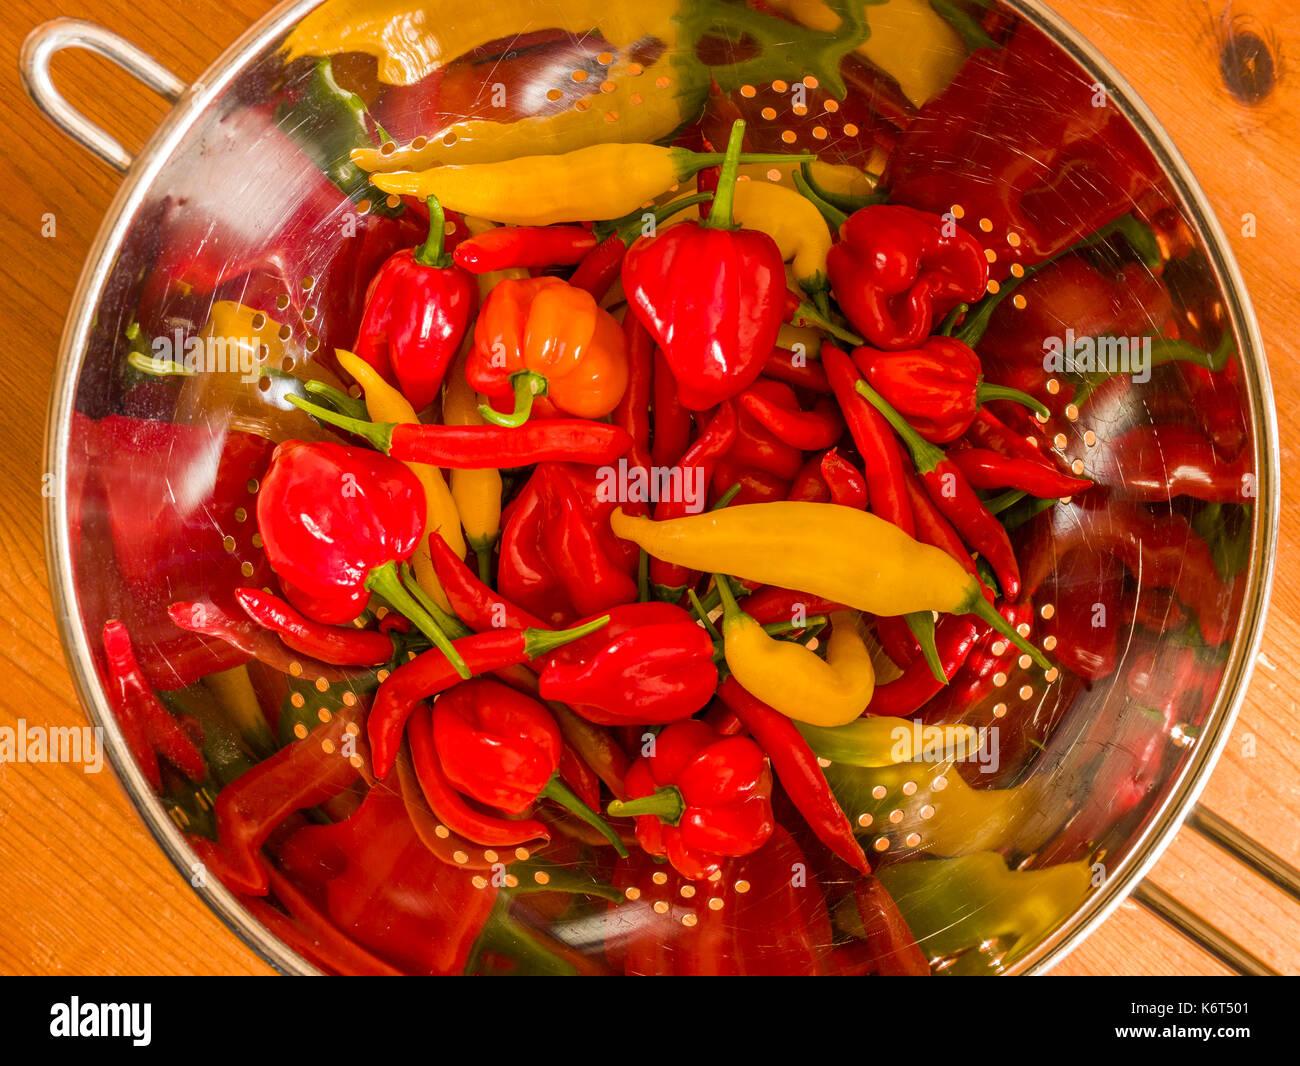 Frisch geerntete Chilis (Birds Eye, Aji Limón und Scotch Bonnet) in einer Küche Sieb. Stockbild